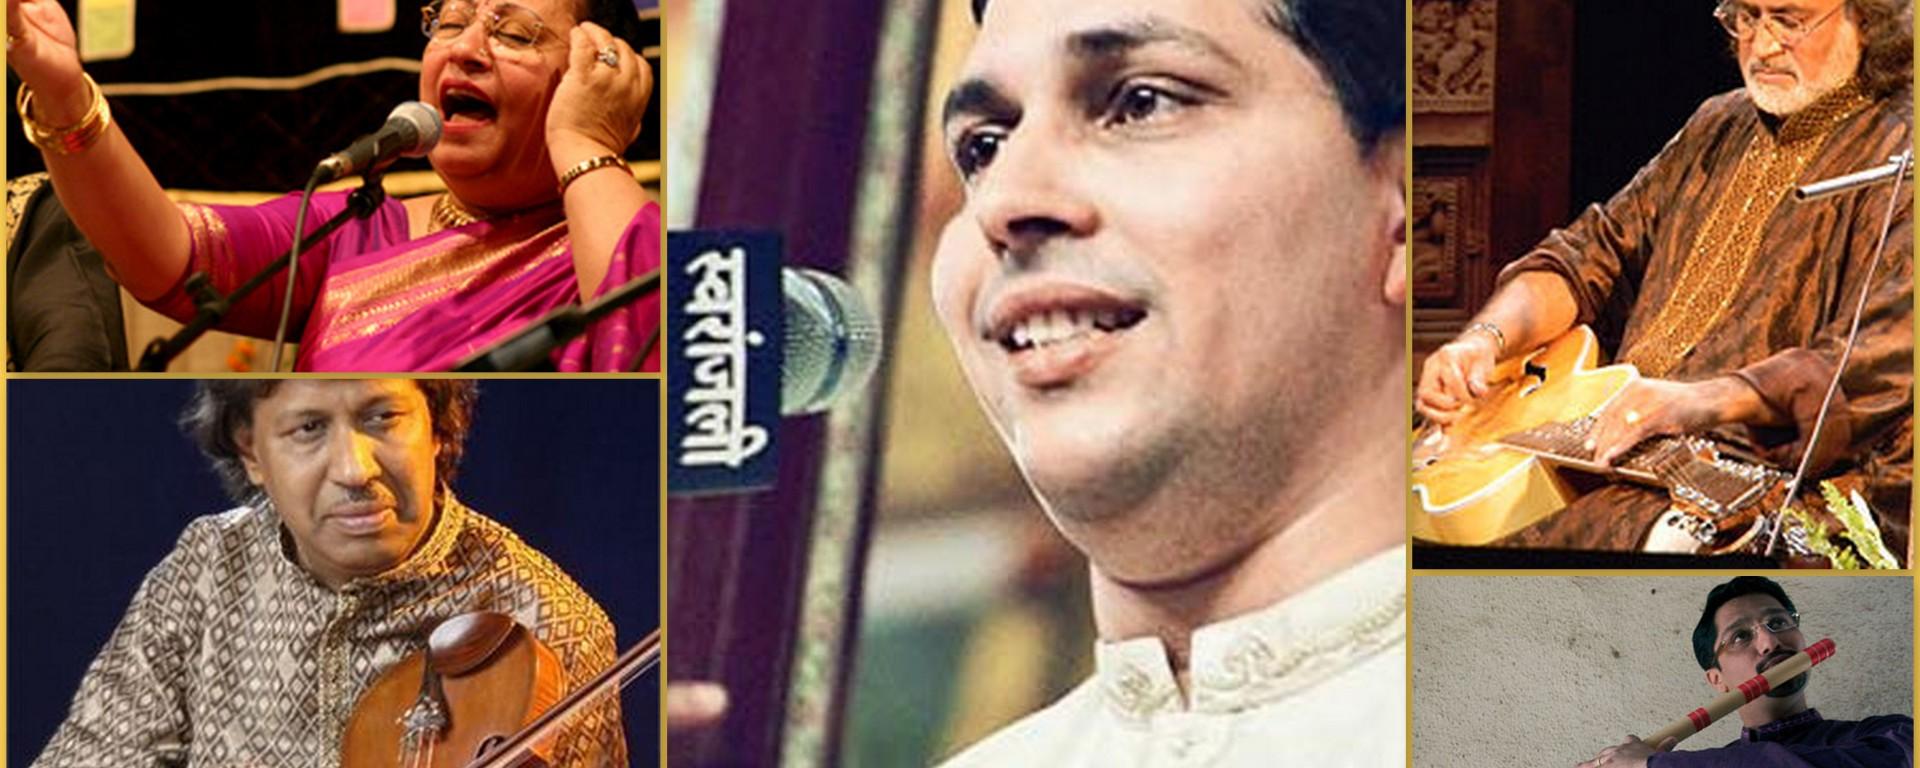 Swarajhankar ,nashik